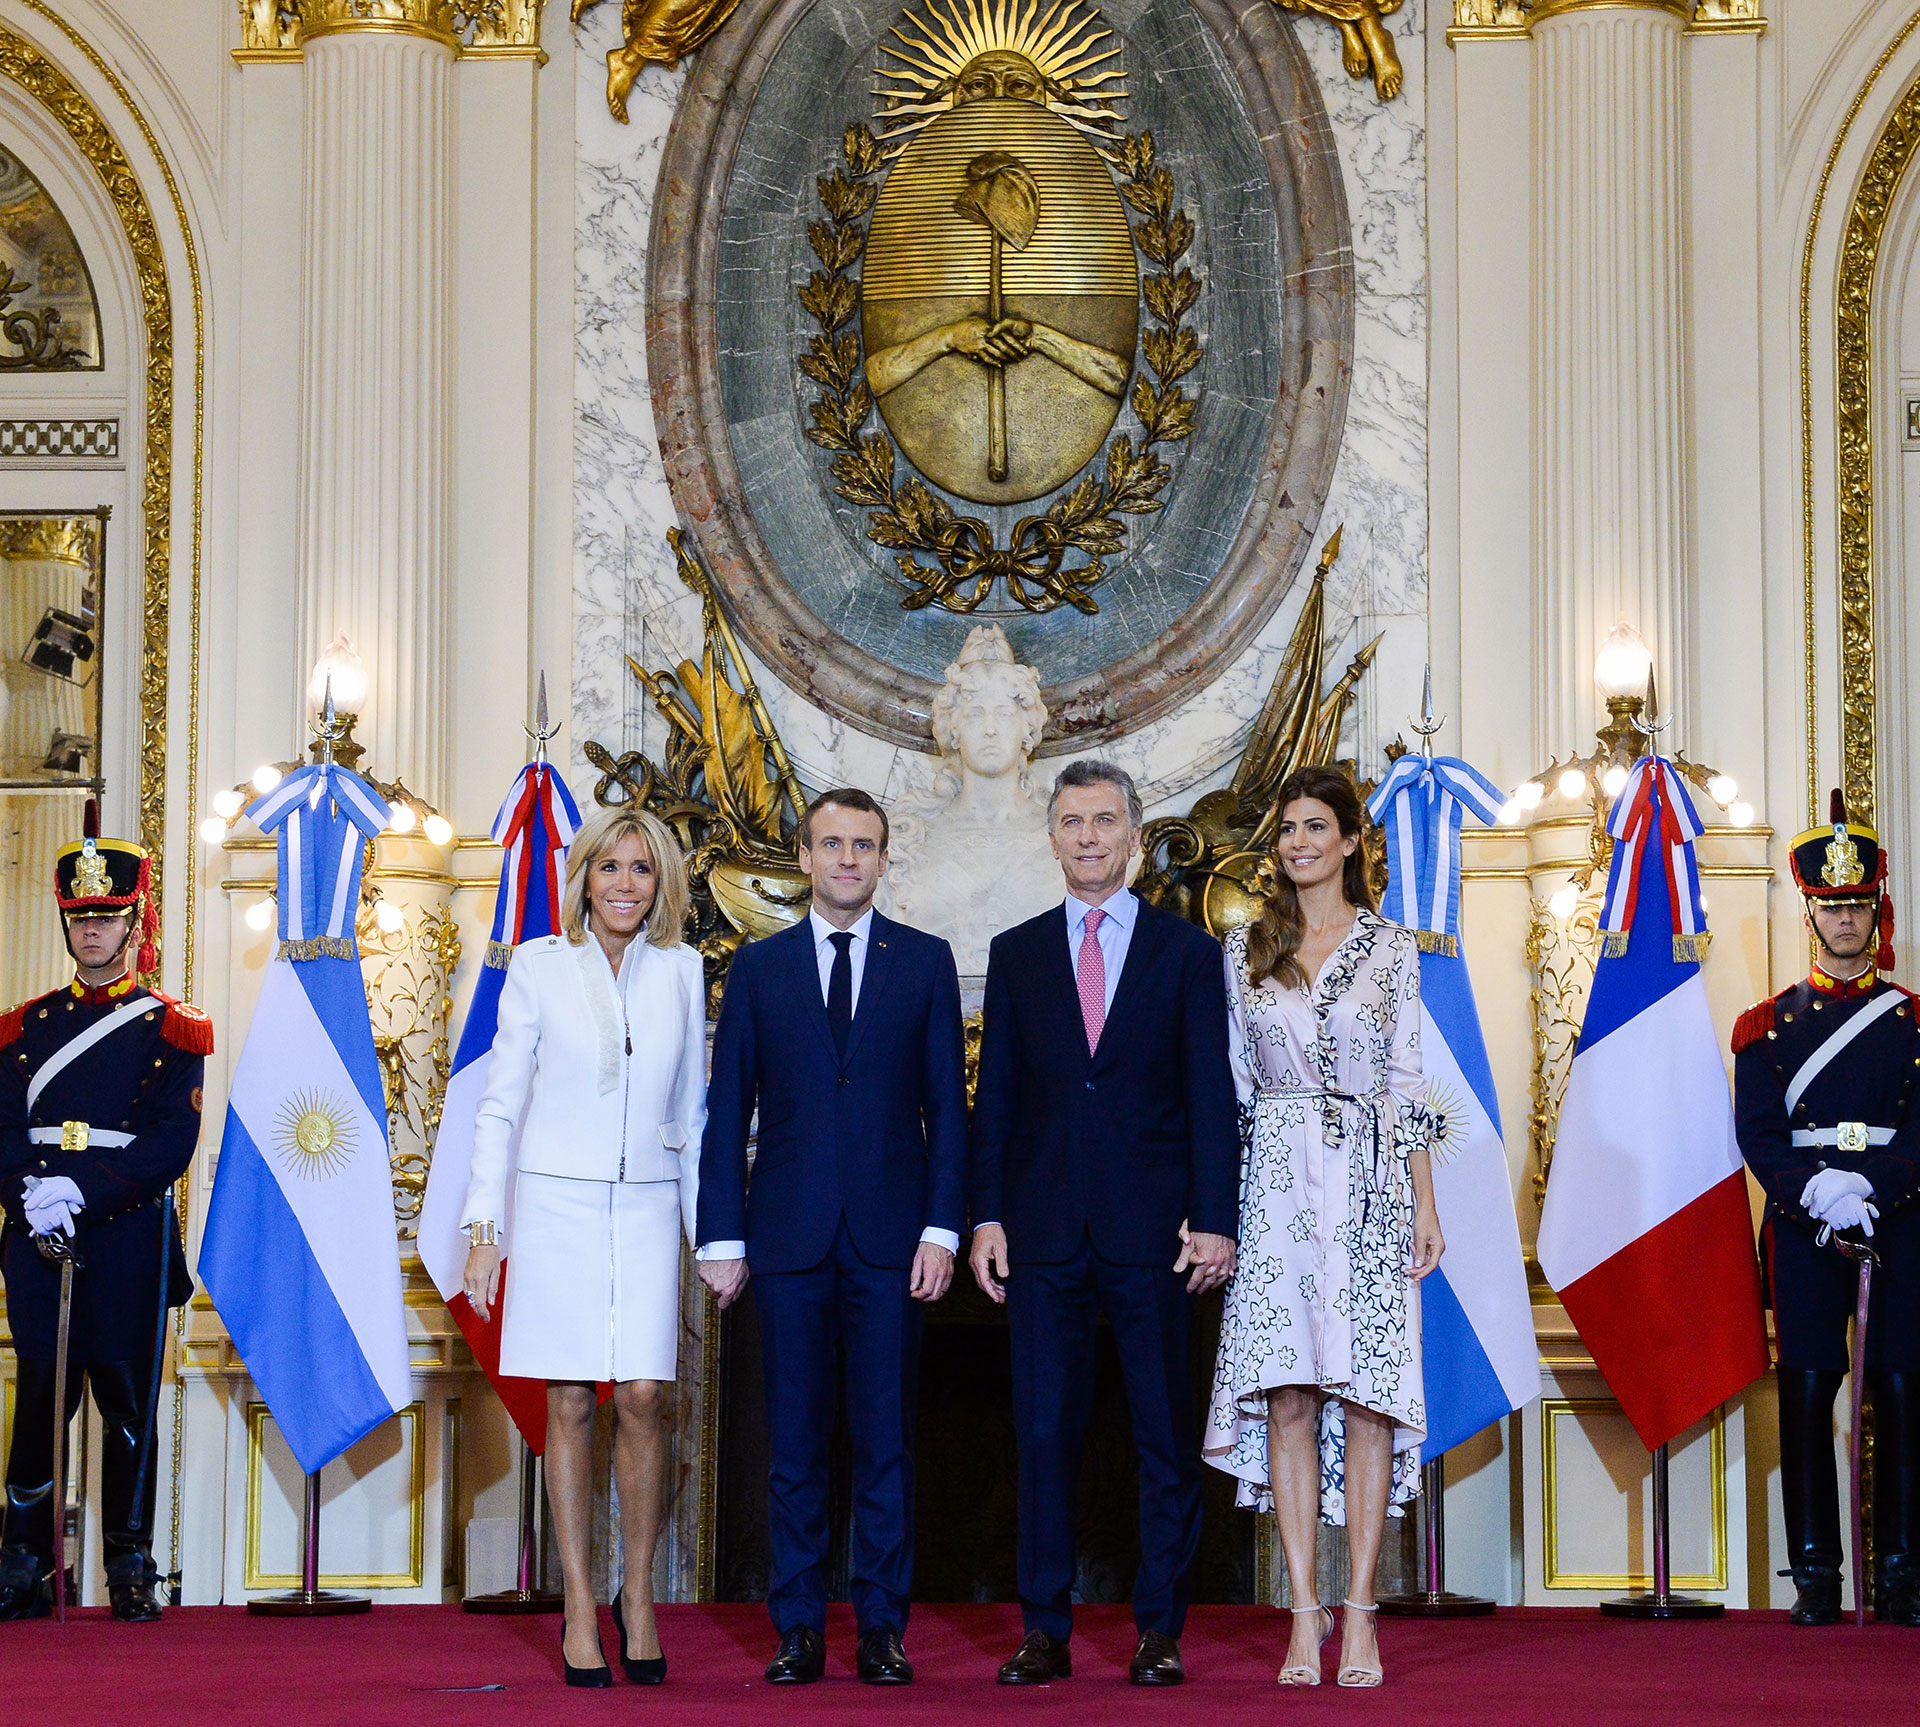 La foto oficial en el Salón Blanco, ambas recorrieron el Palacio de Gobierno.